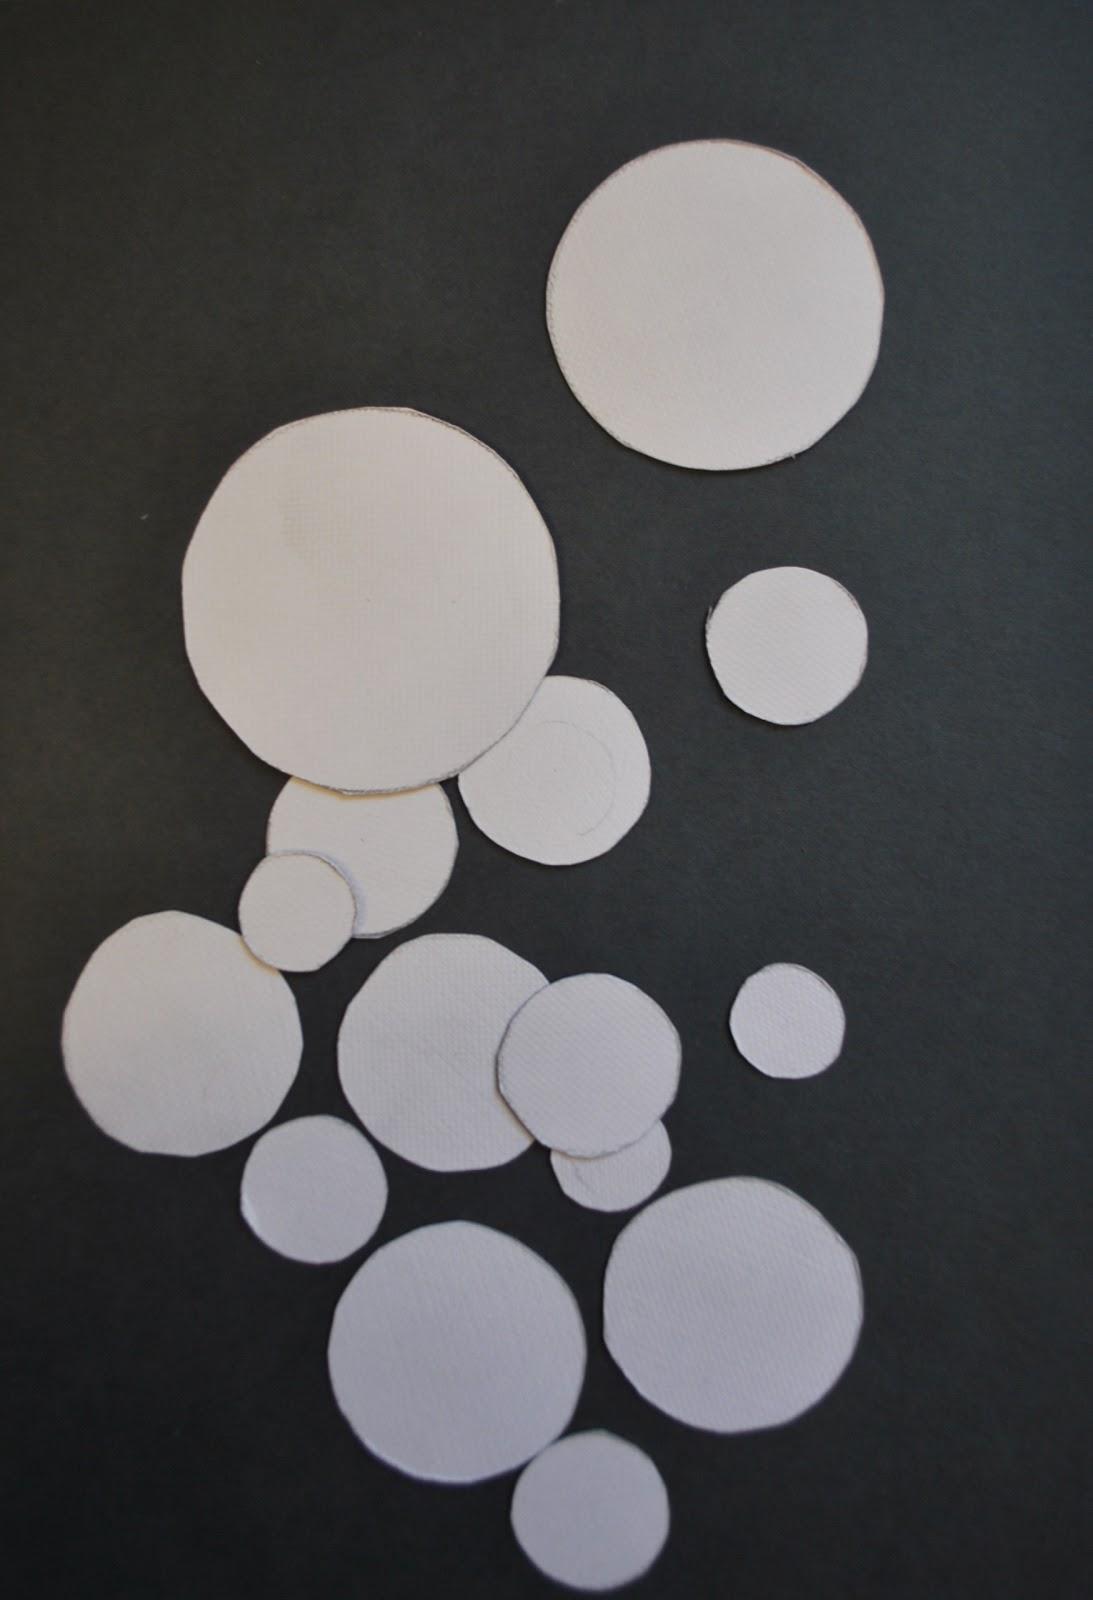 Design Practice Astronomy